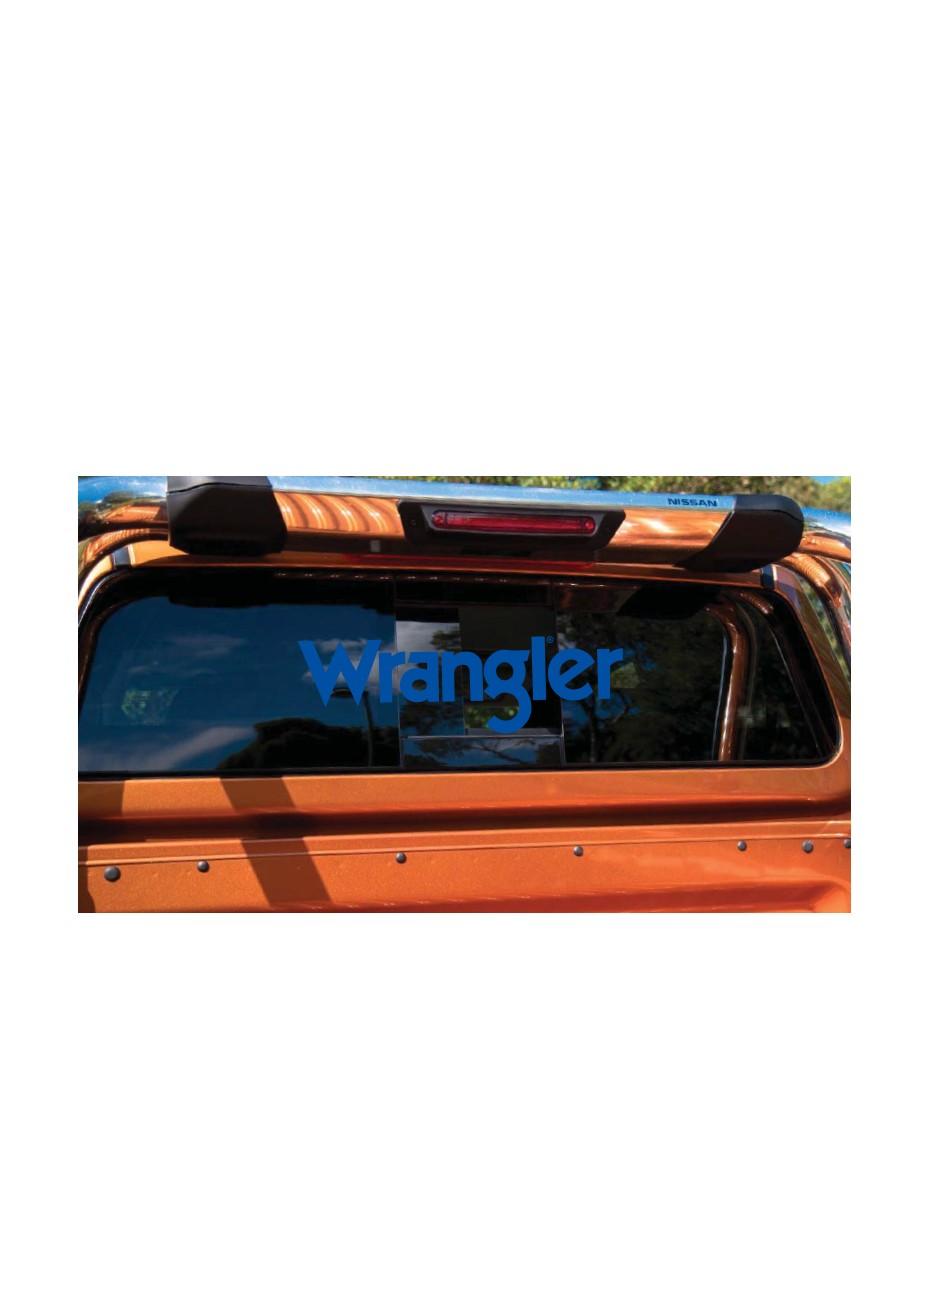 WRANGLER UTE STICKER